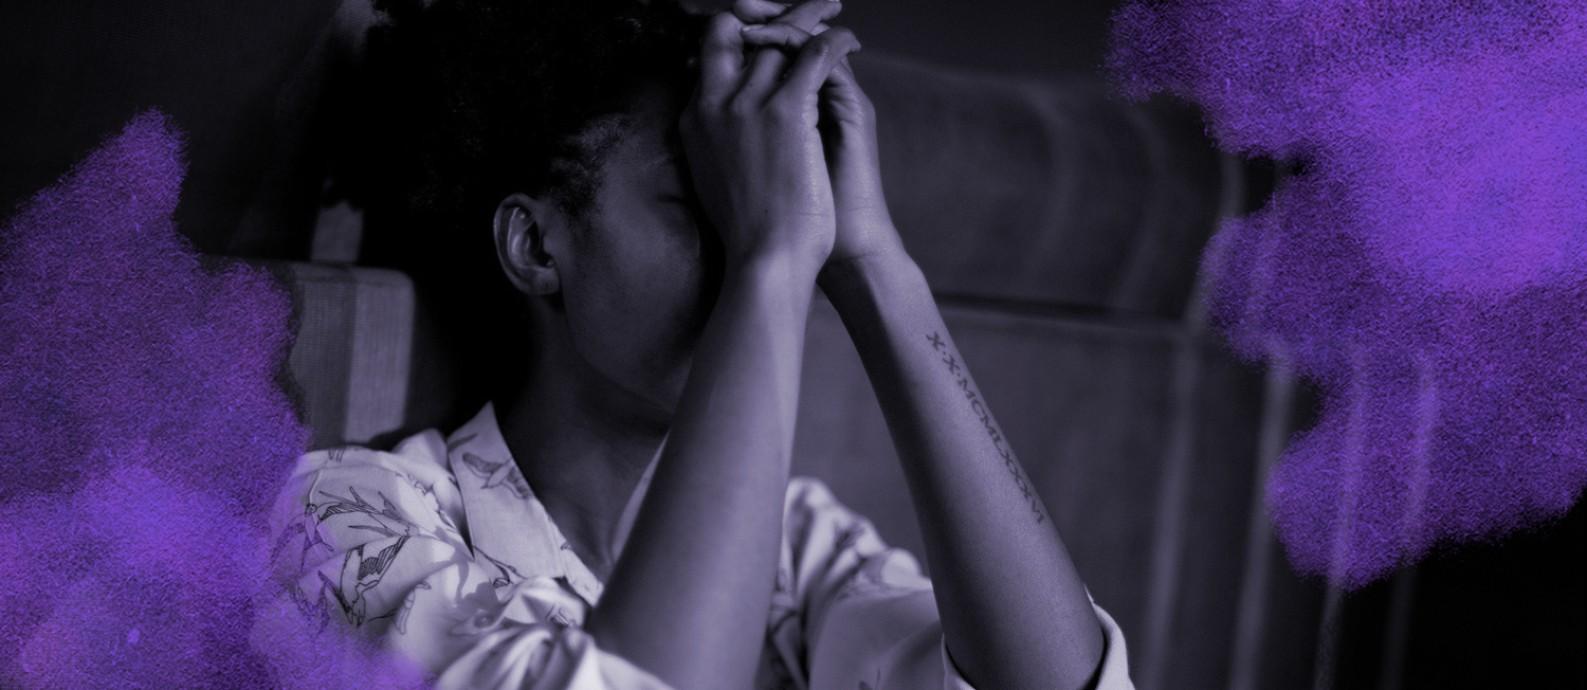 Os impactos para a saúde mental estão entre as diversas consequências da pandemia de coronavírus Foto: Pixabay